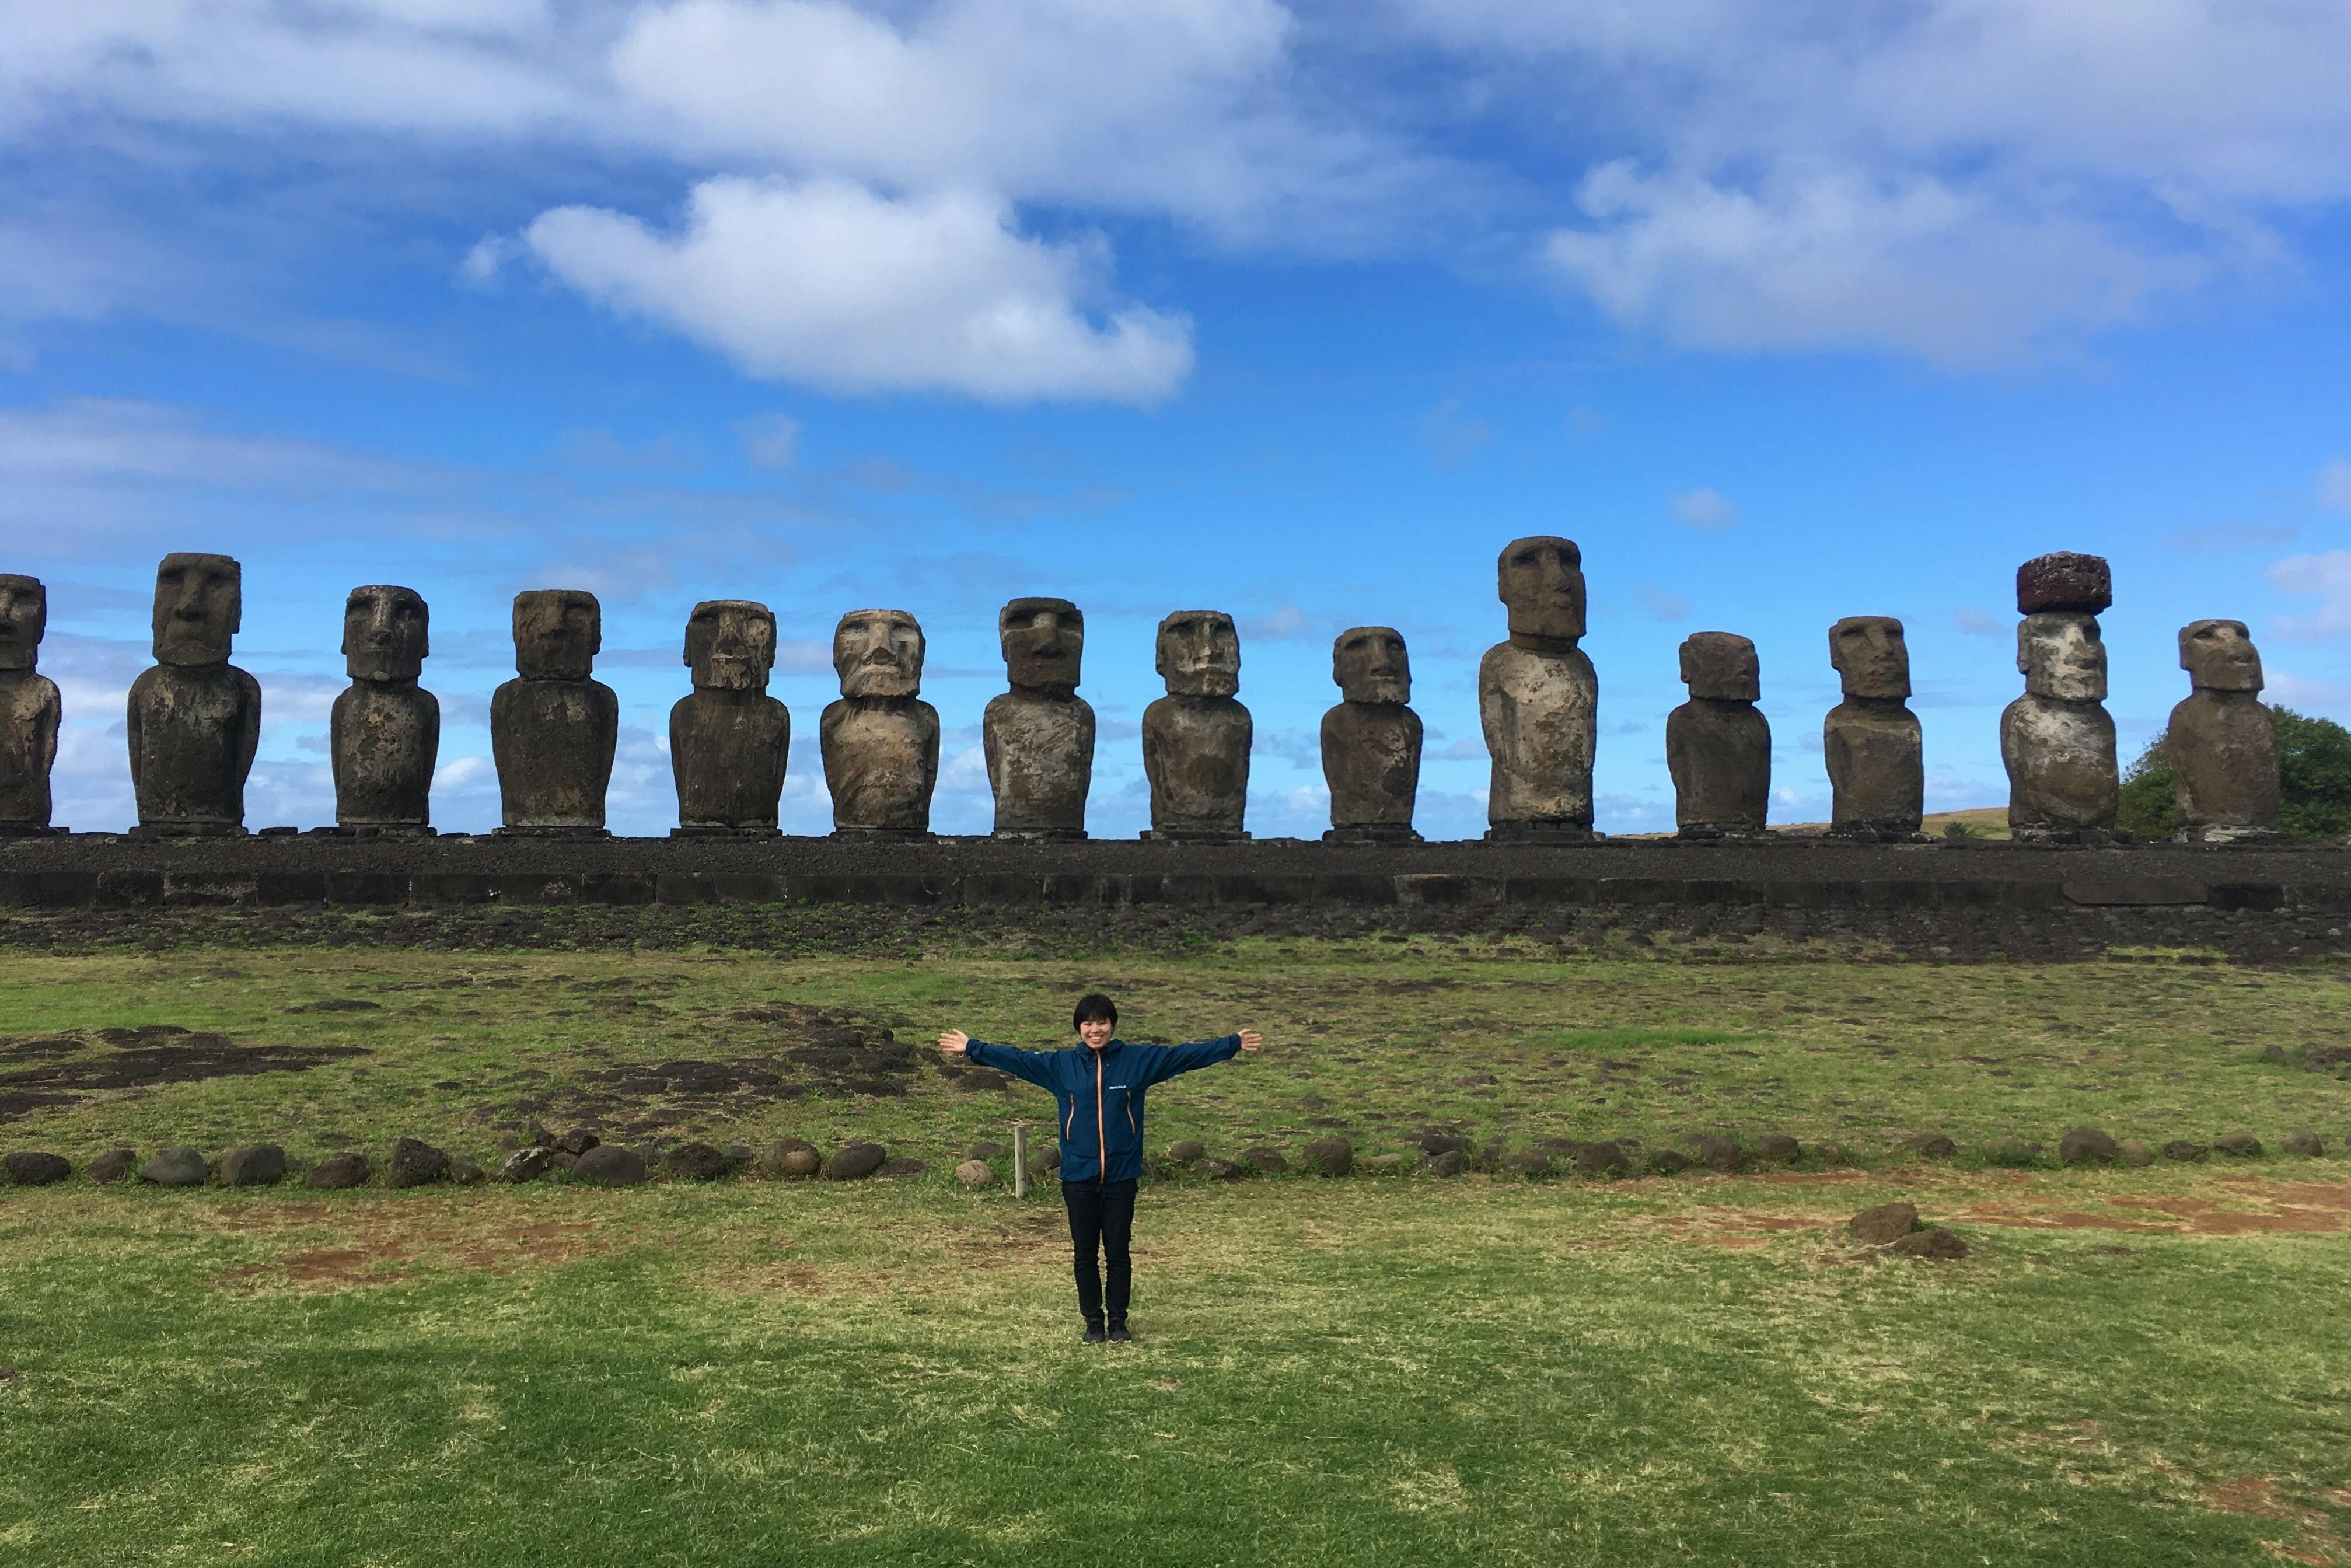 中南米で自分を見つめ直した3週間 サバティカル休暇制度を利用して